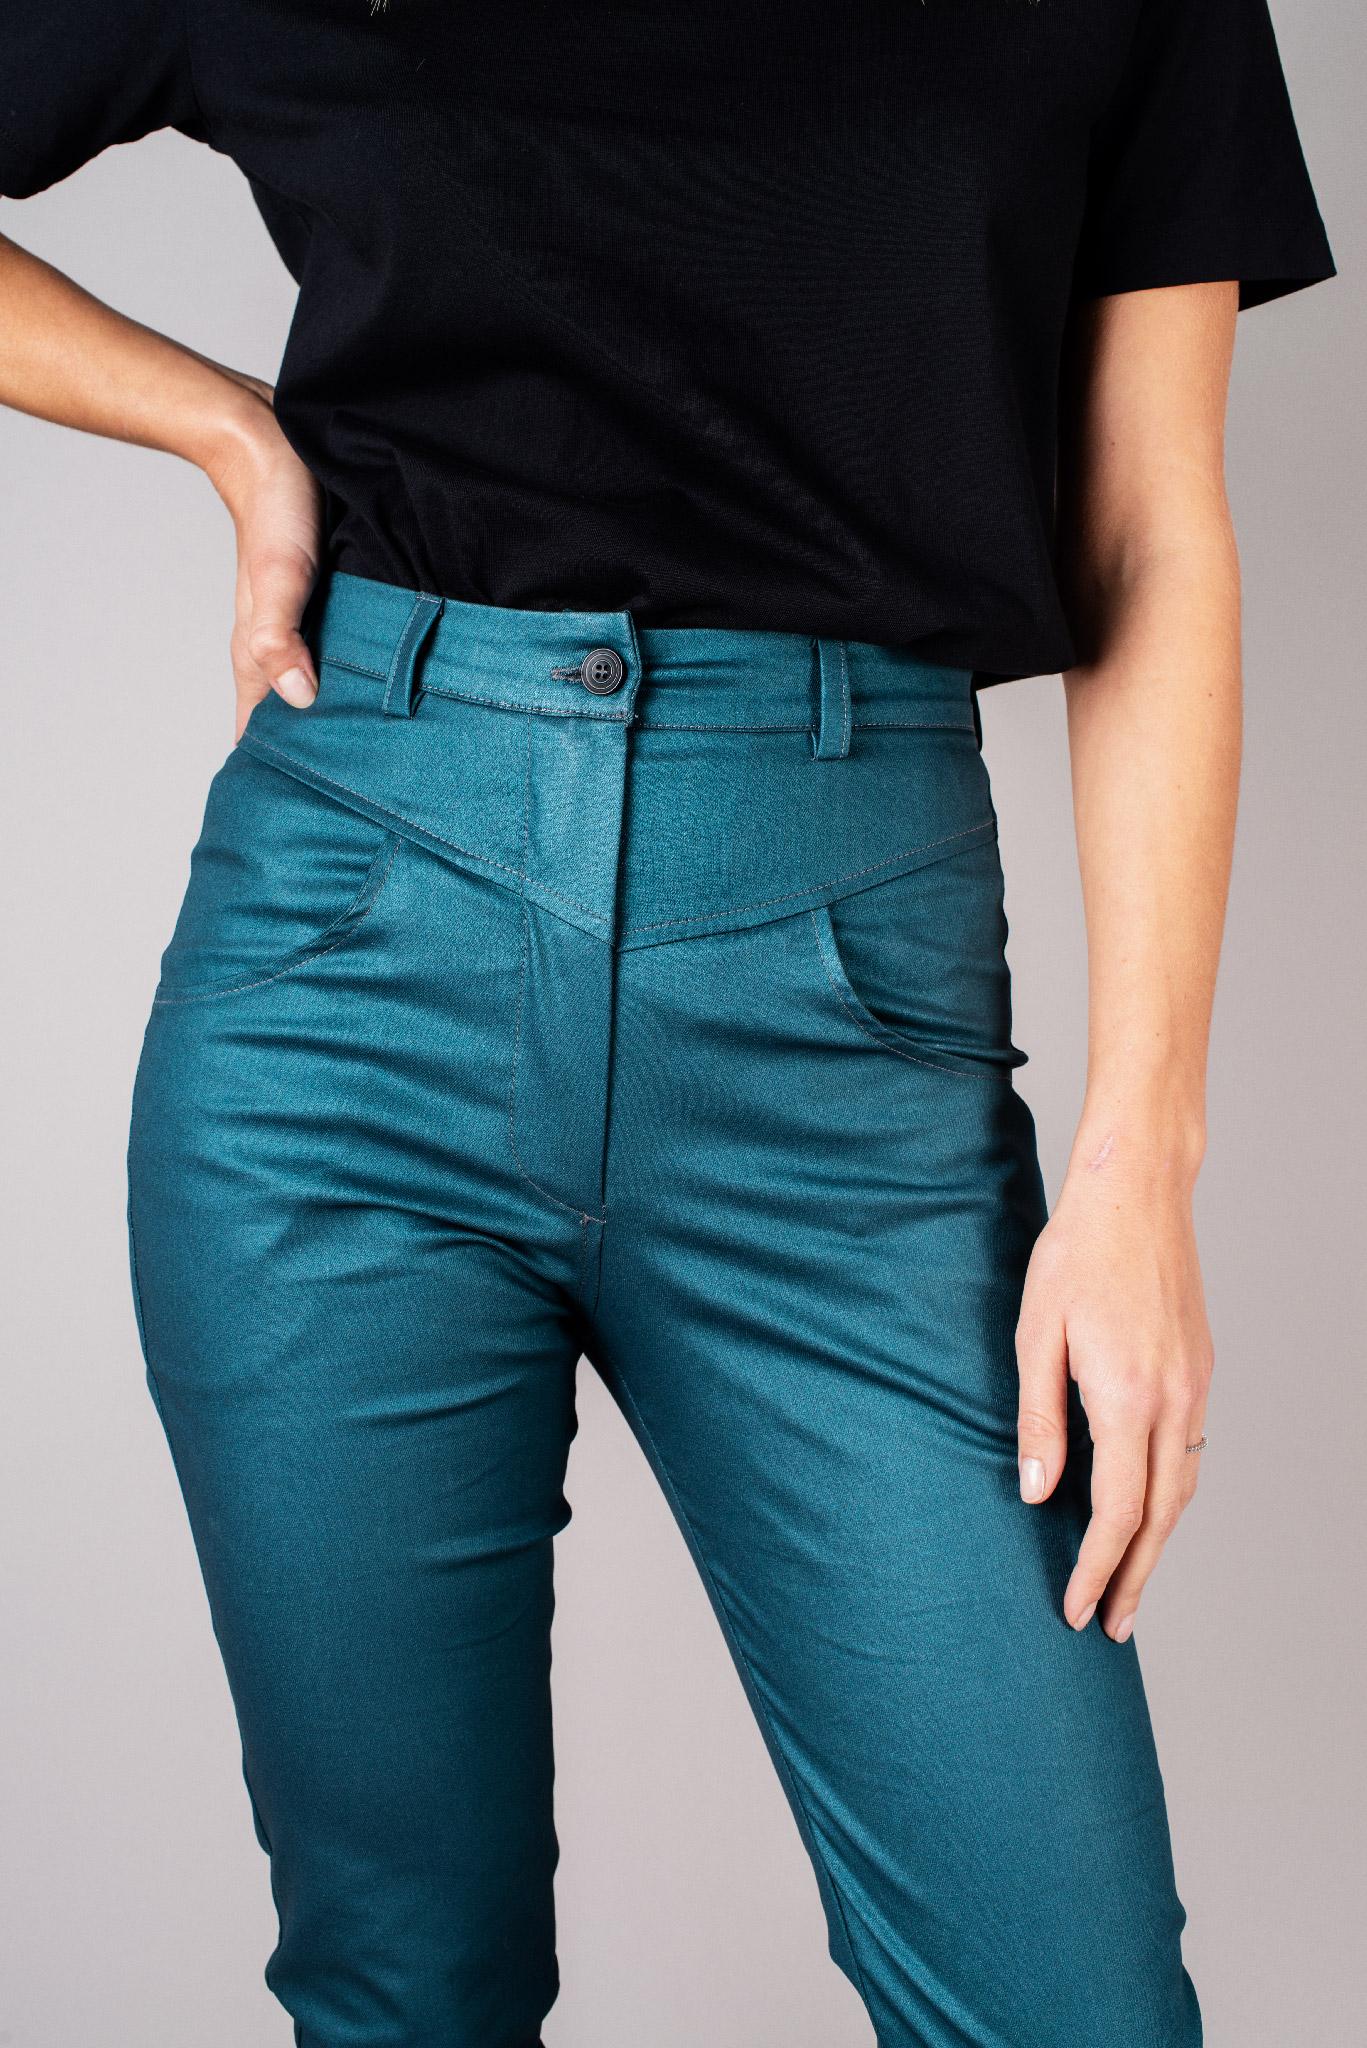 Pantalon jean bleu